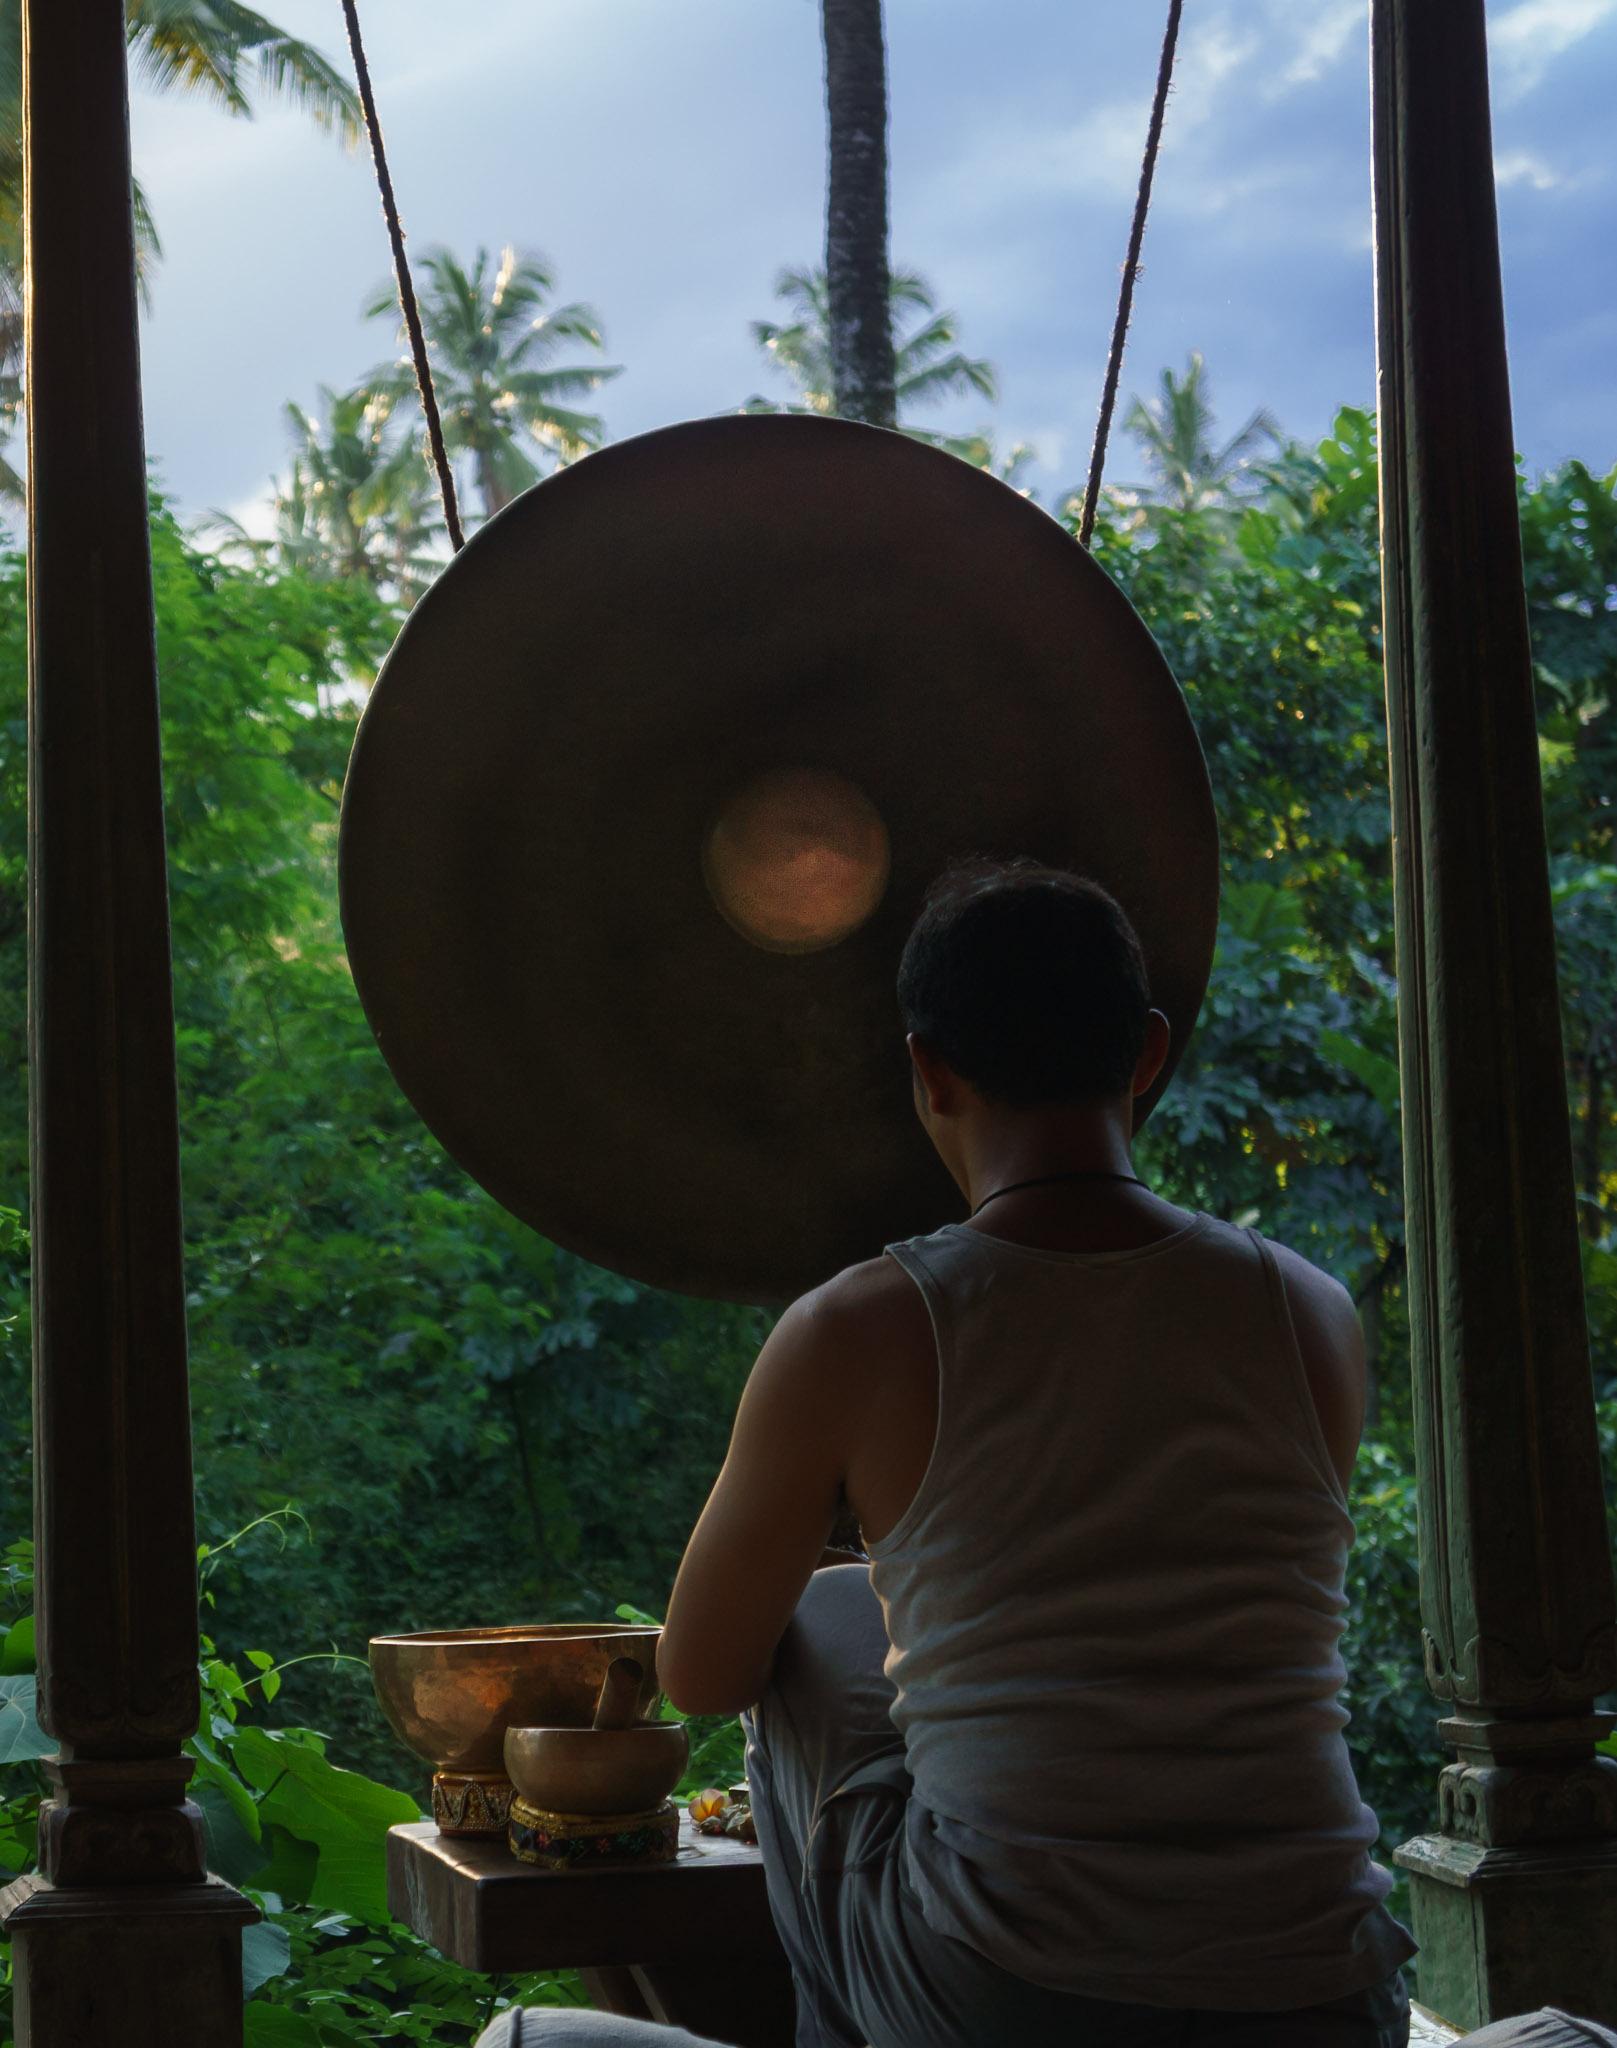 Gong Recharge Ubud Bali